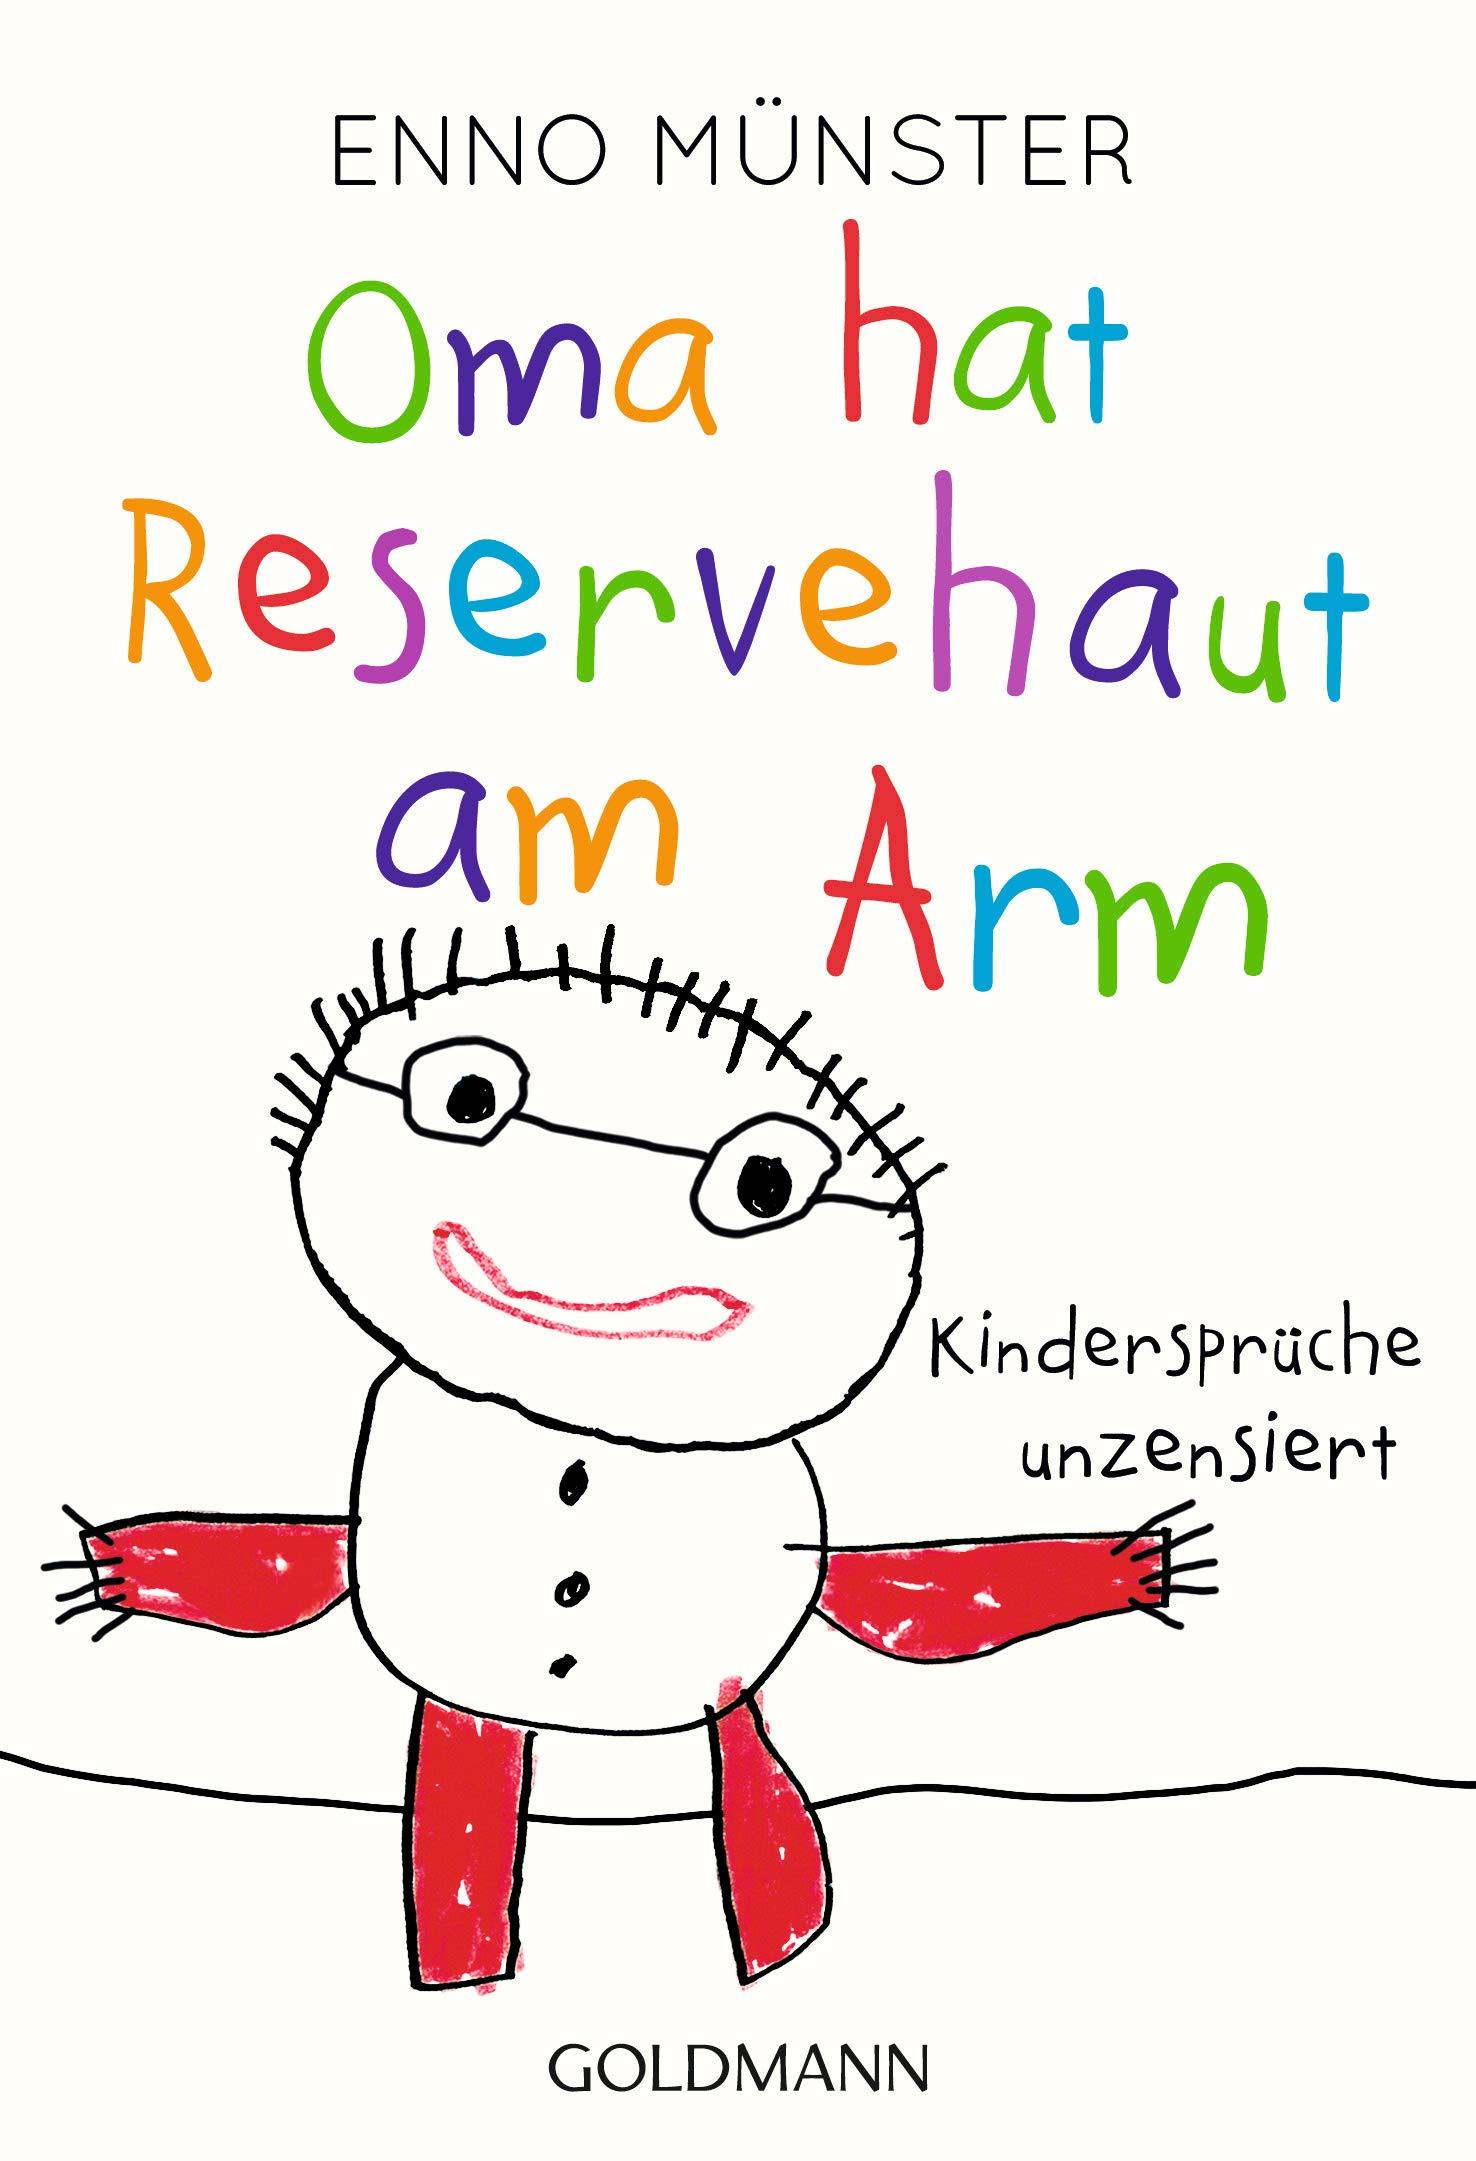 Anspruchsvoll Kindersprüche Lustig Beste Wahl Oma Hat Reservehaut Am Arm: Kindersprüche Unzensiert: